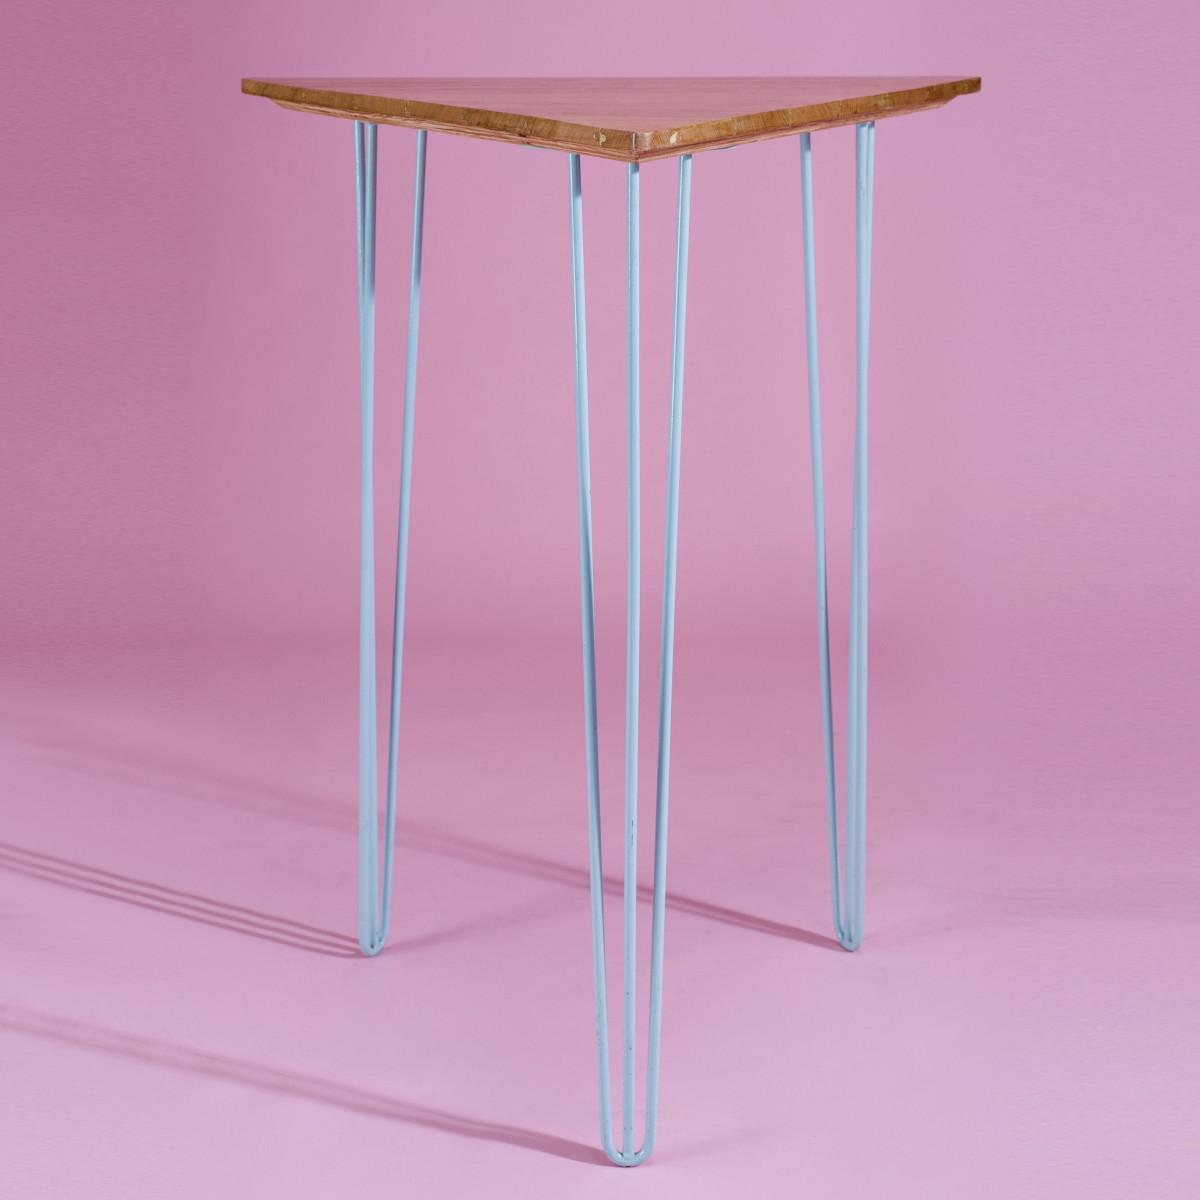 BA032-Triangle + Blue High Bar Table-1